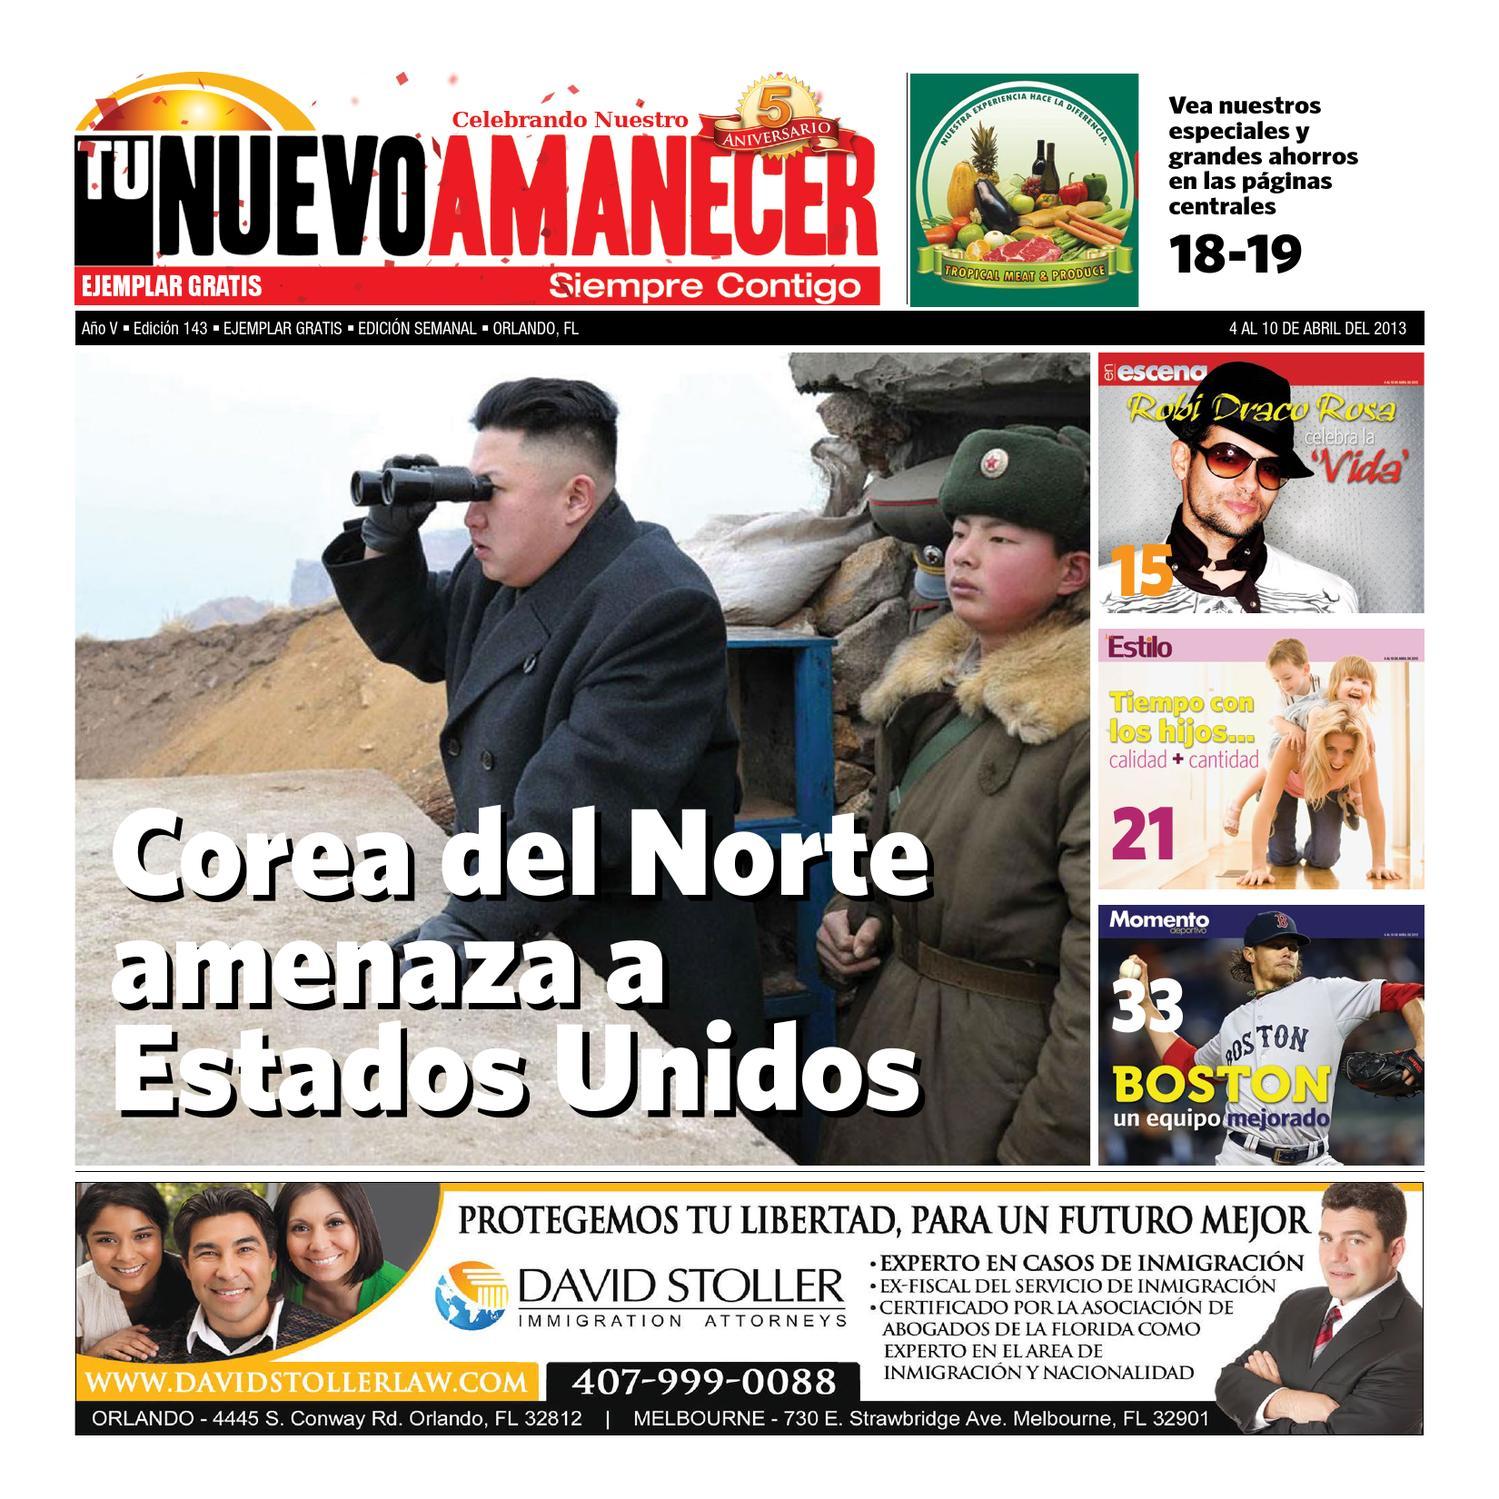 Edición #143 - Periódico Tu Nuevo Amanecer by Tu Nuevo Amanecer - issuu